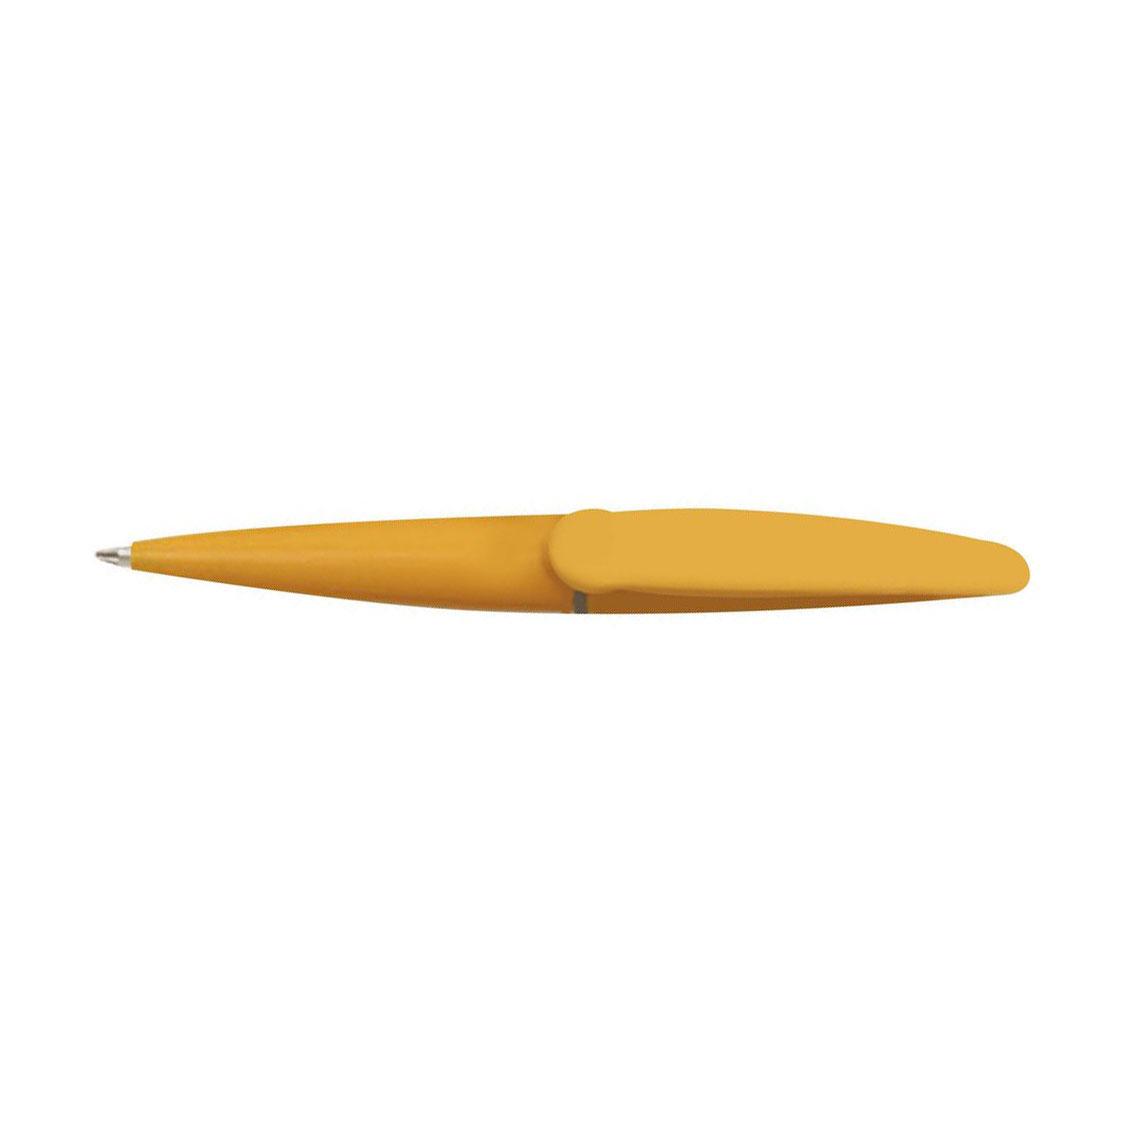 Chicha propiska žlutá modře píšící